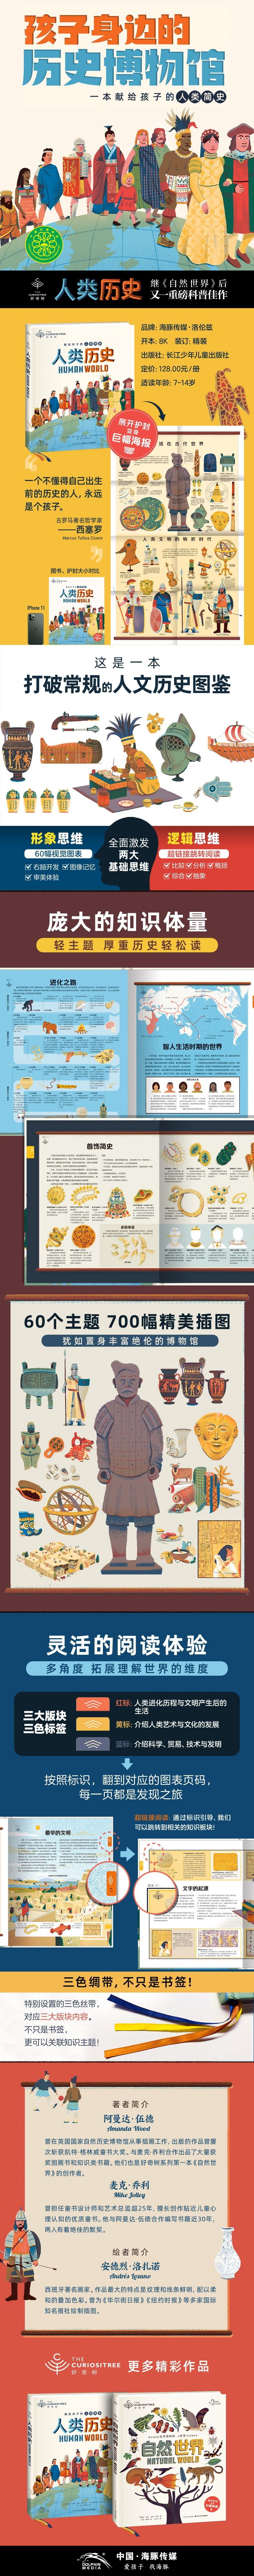 好奇树·人类历史(详情页)790.jpg